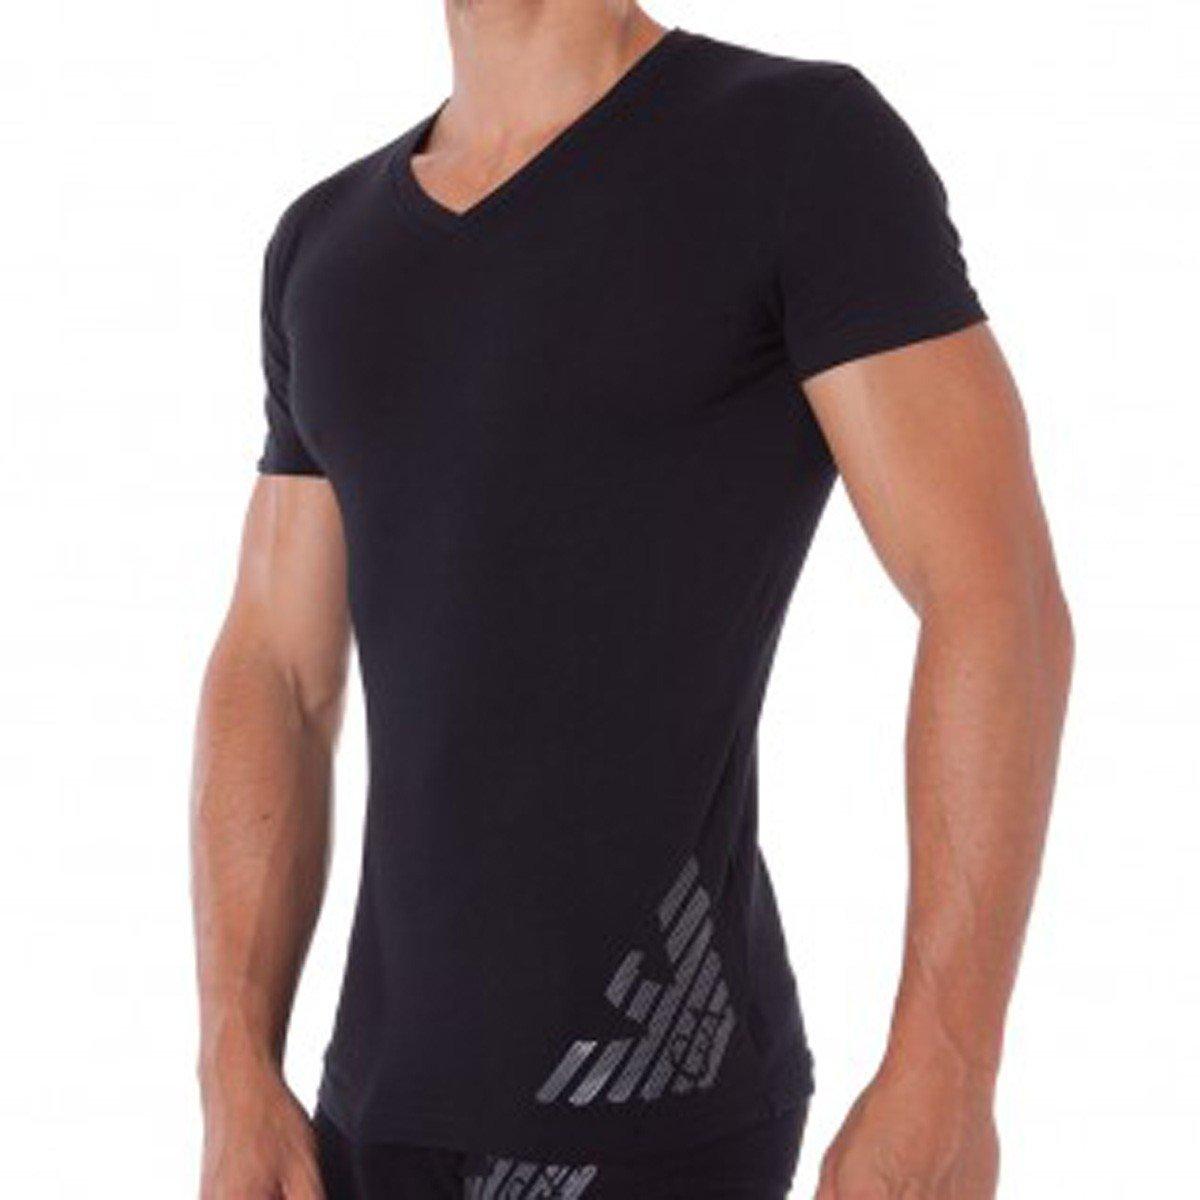 Emporio Armani -  T-shirt - Uomo